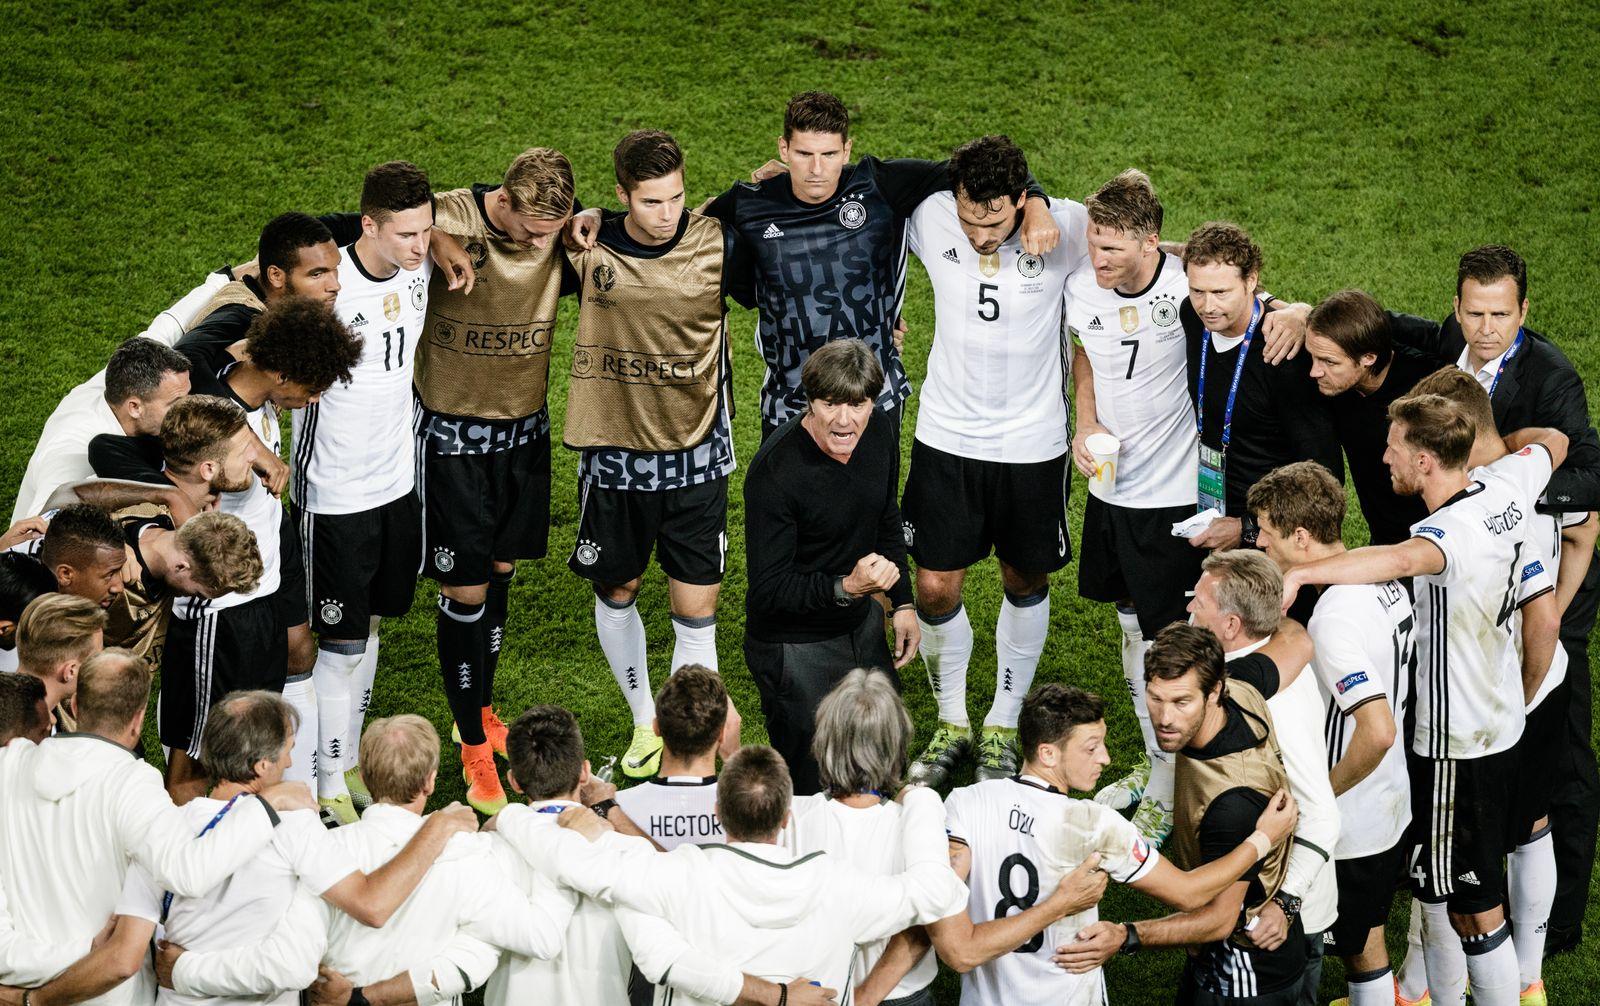 EINMALIGE VERWENDUNG SPIEGEL Plus SPIEGEL 28/2016 S.92 Löw - Fussball: UEFA Euro 2016, Viertelfinale, Deutschland - Italien, Stade Nouveau Bordeaux